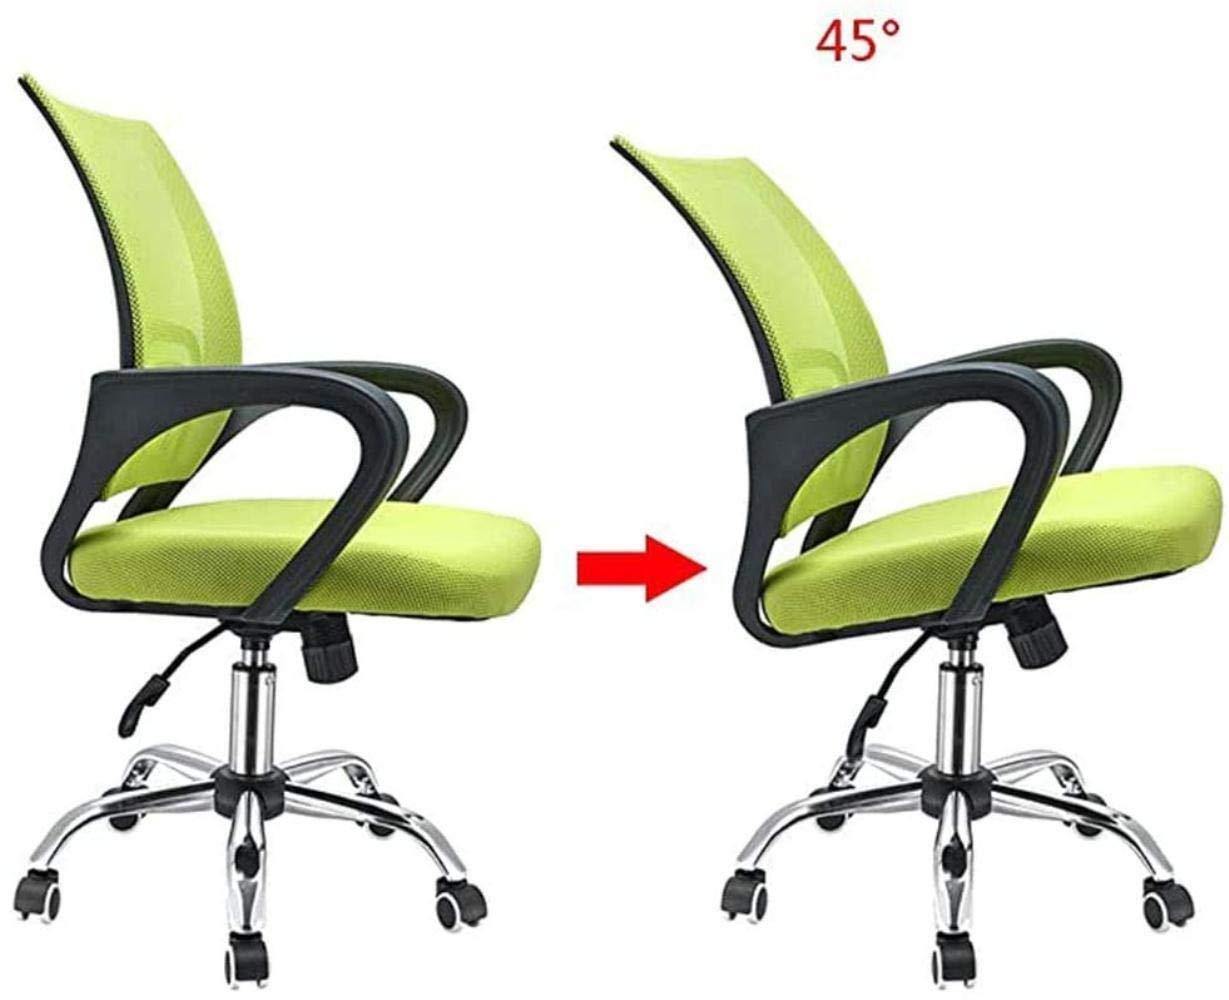 Mode kontorsstol personalstol enkel multifunktionell nät modern stol ergonomisk dator skrivbord stol knästol (färg: Grön) gRÖN